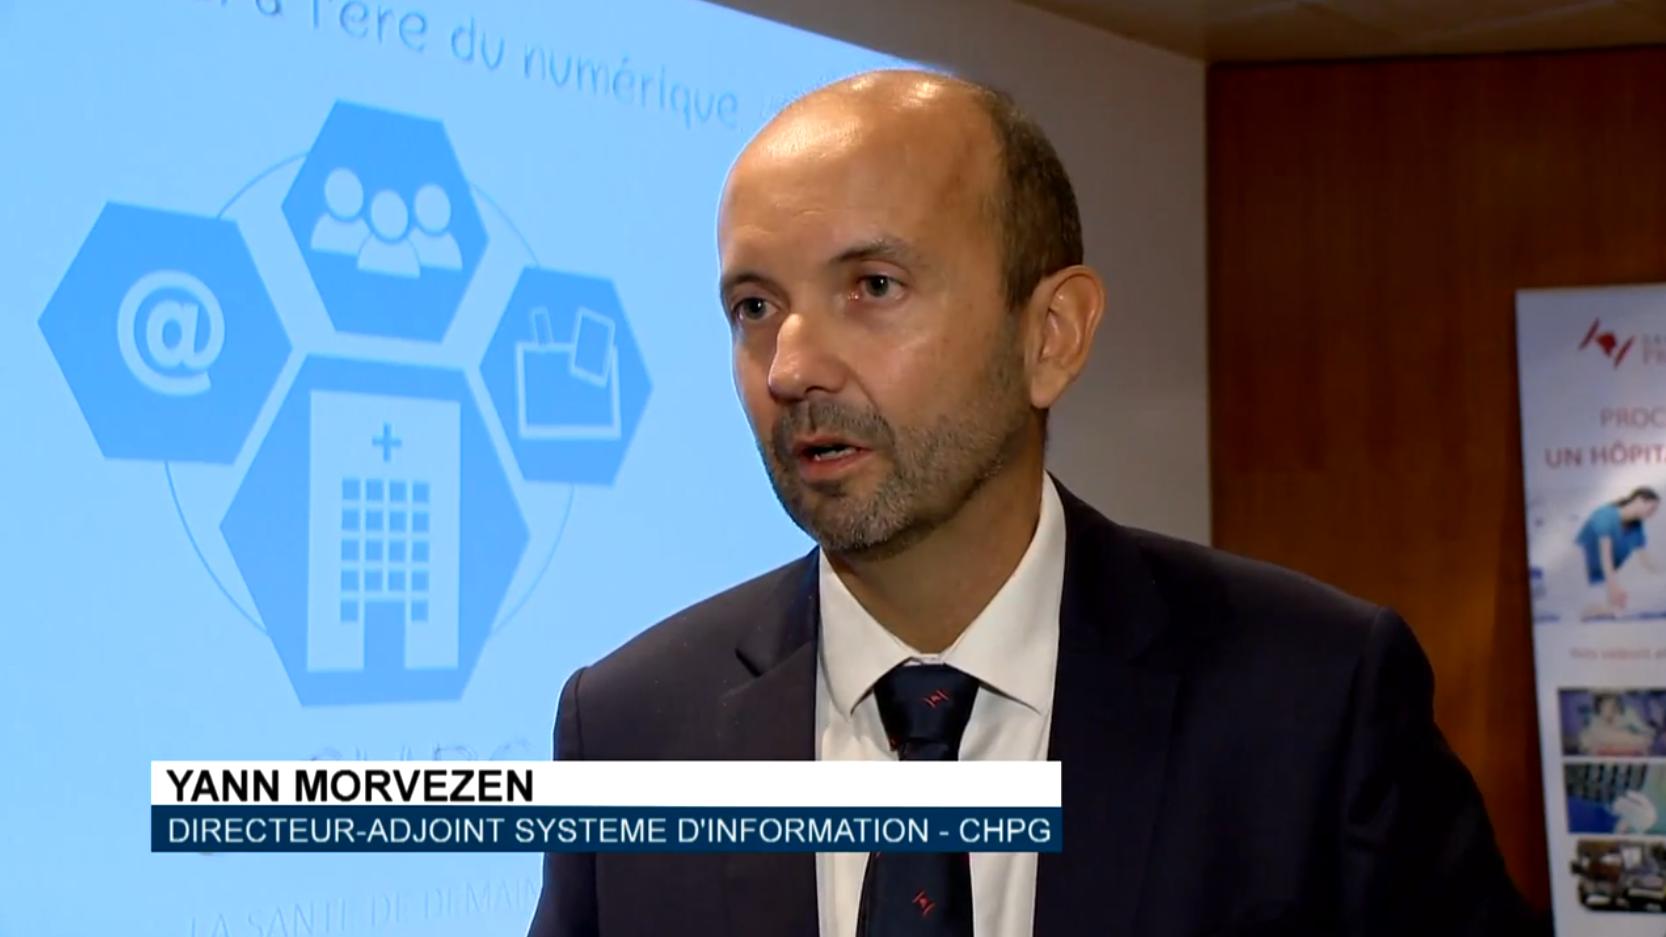 Yann MORVEZEN, Directeur-adjoint Système d'Information du CHPG de Monaco